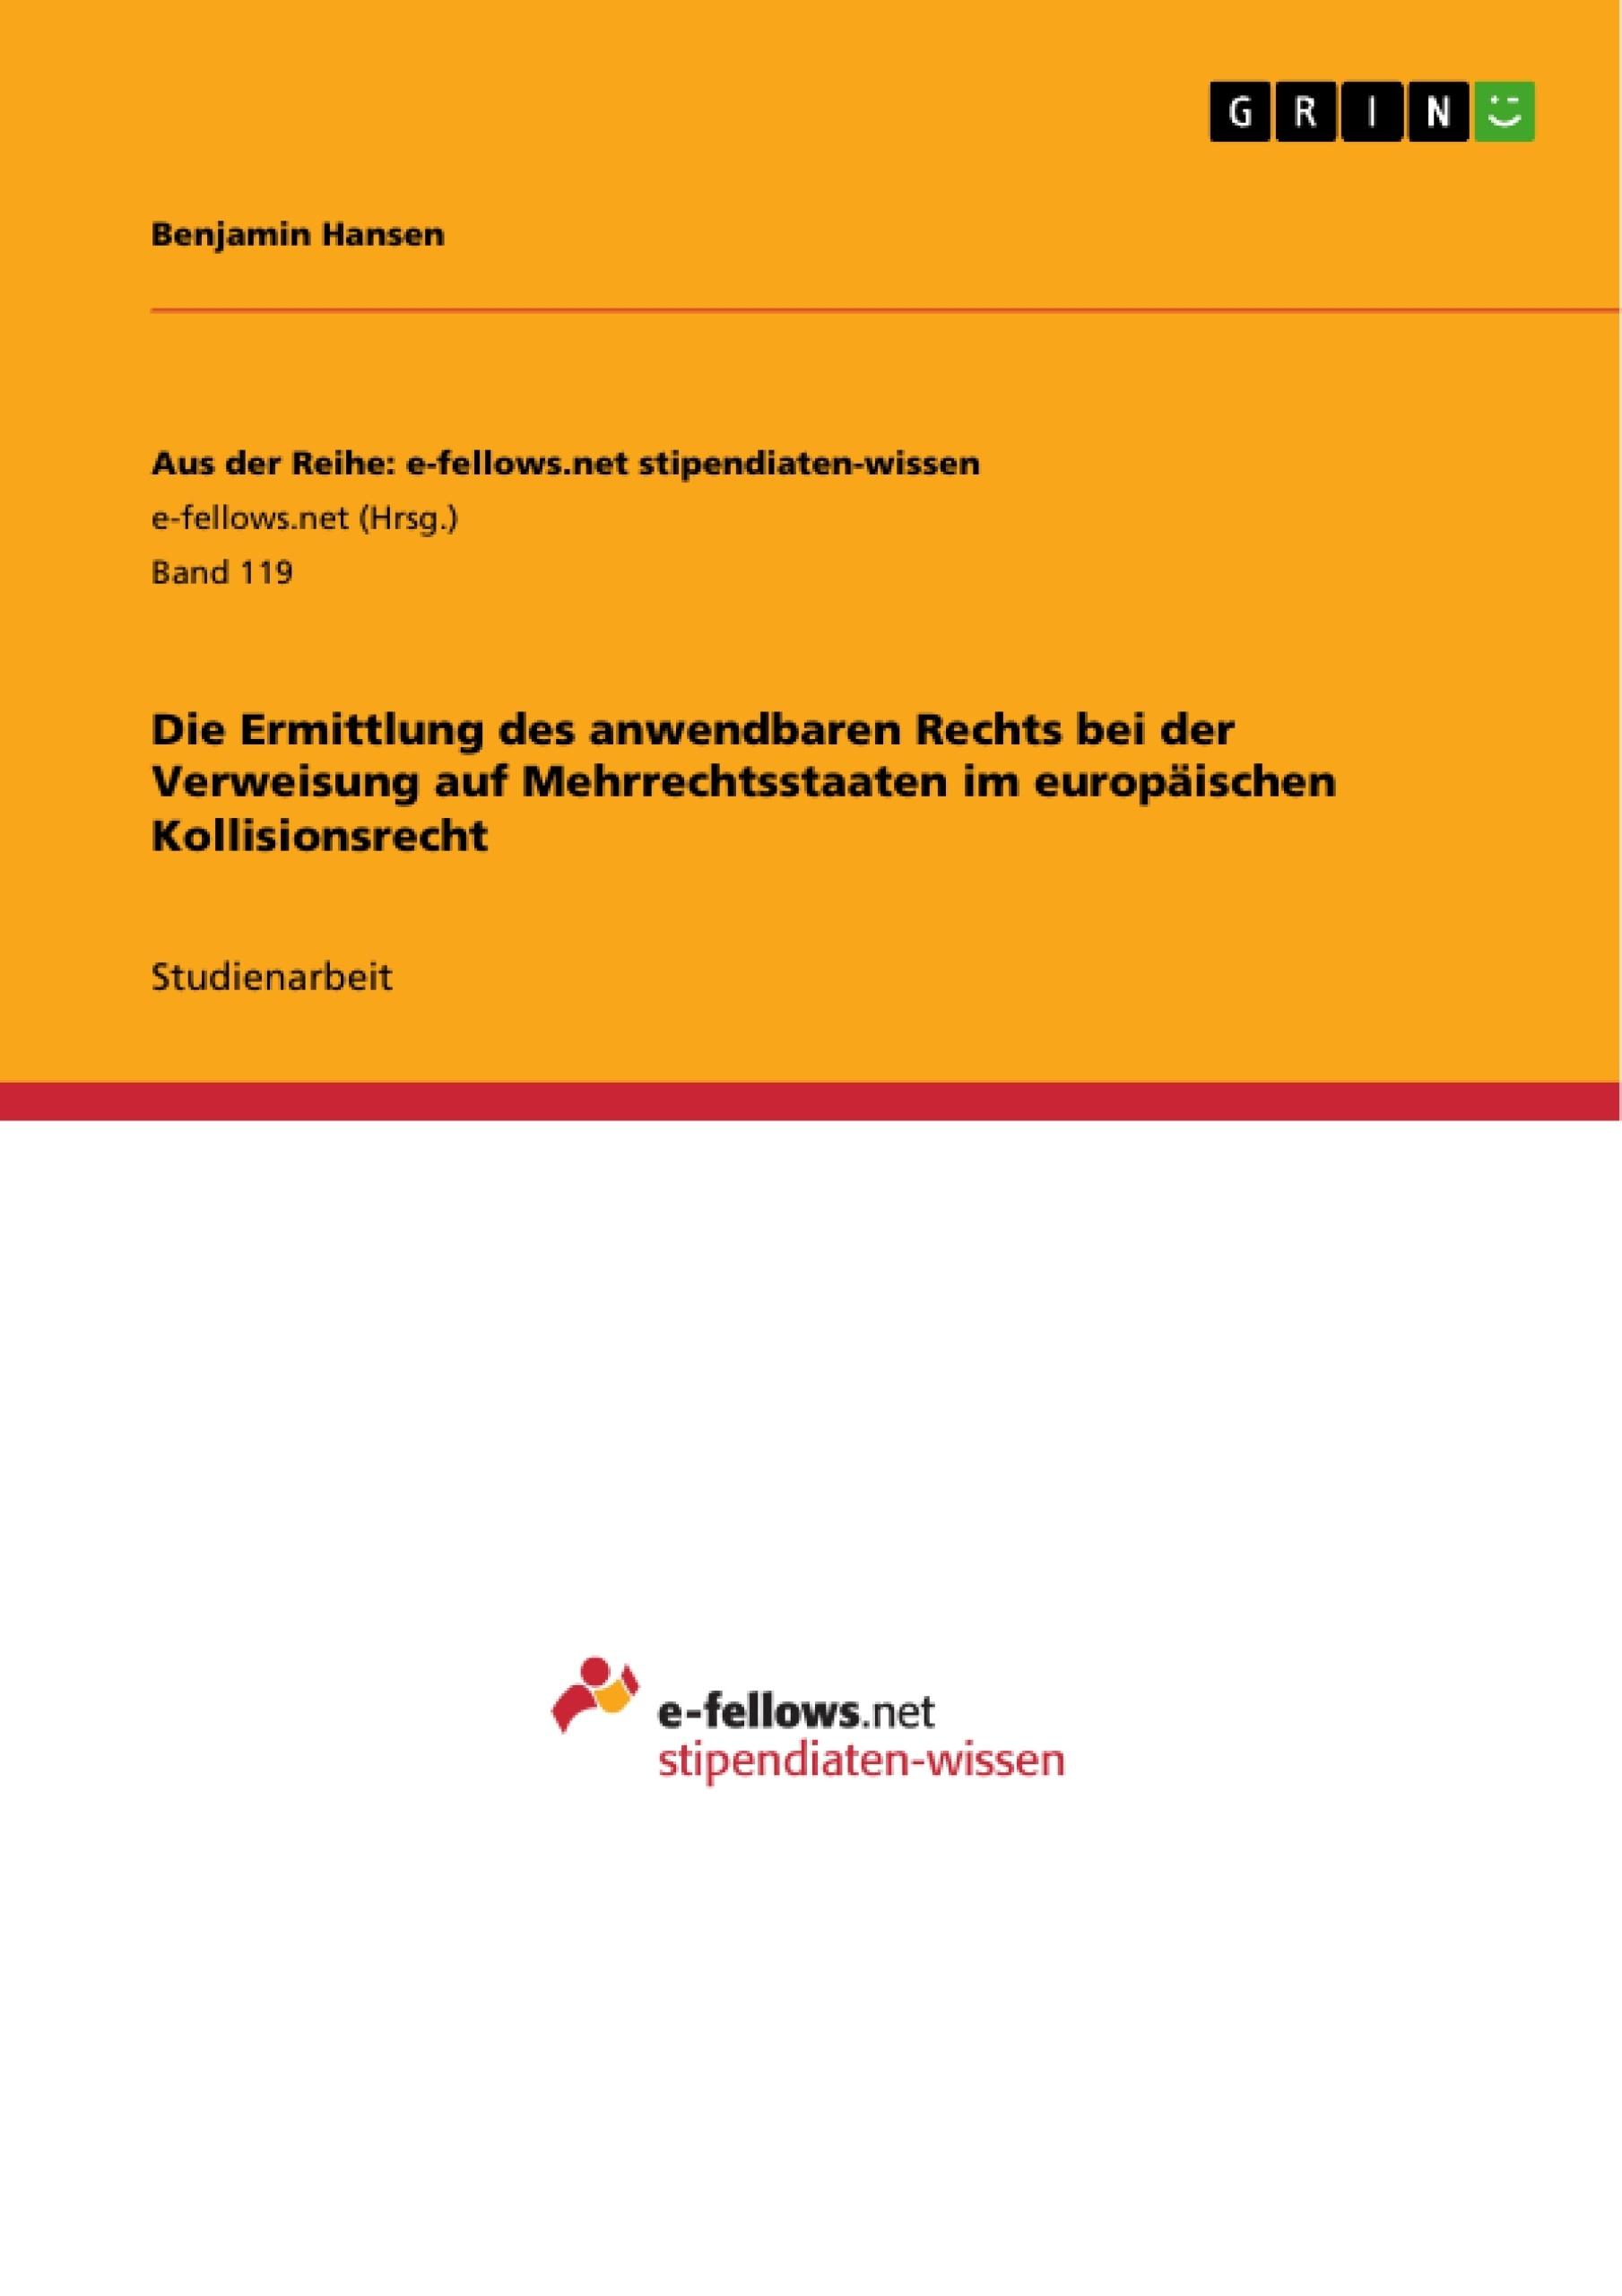 Titel: Die Ermittlung des anwendbaren Rechts bei der Verweisung auf Mehrrechtsstaaten im europäischen Kollisionsrecht